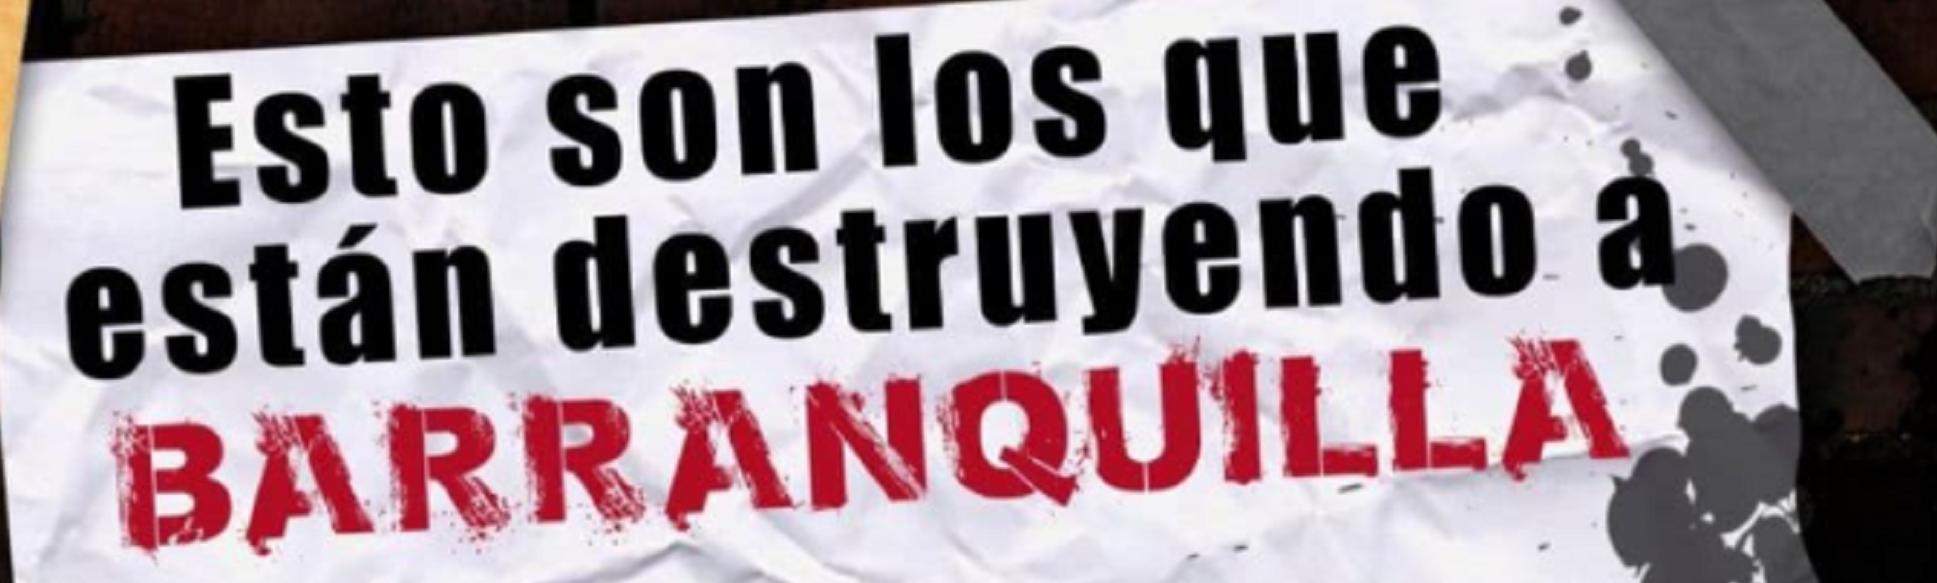 El cartel invita a vandalizar la vivienda de 26 ciudadanos y ong's que han manifestado su apoyo y han sido críticos frente al Gobierno nacional y local.